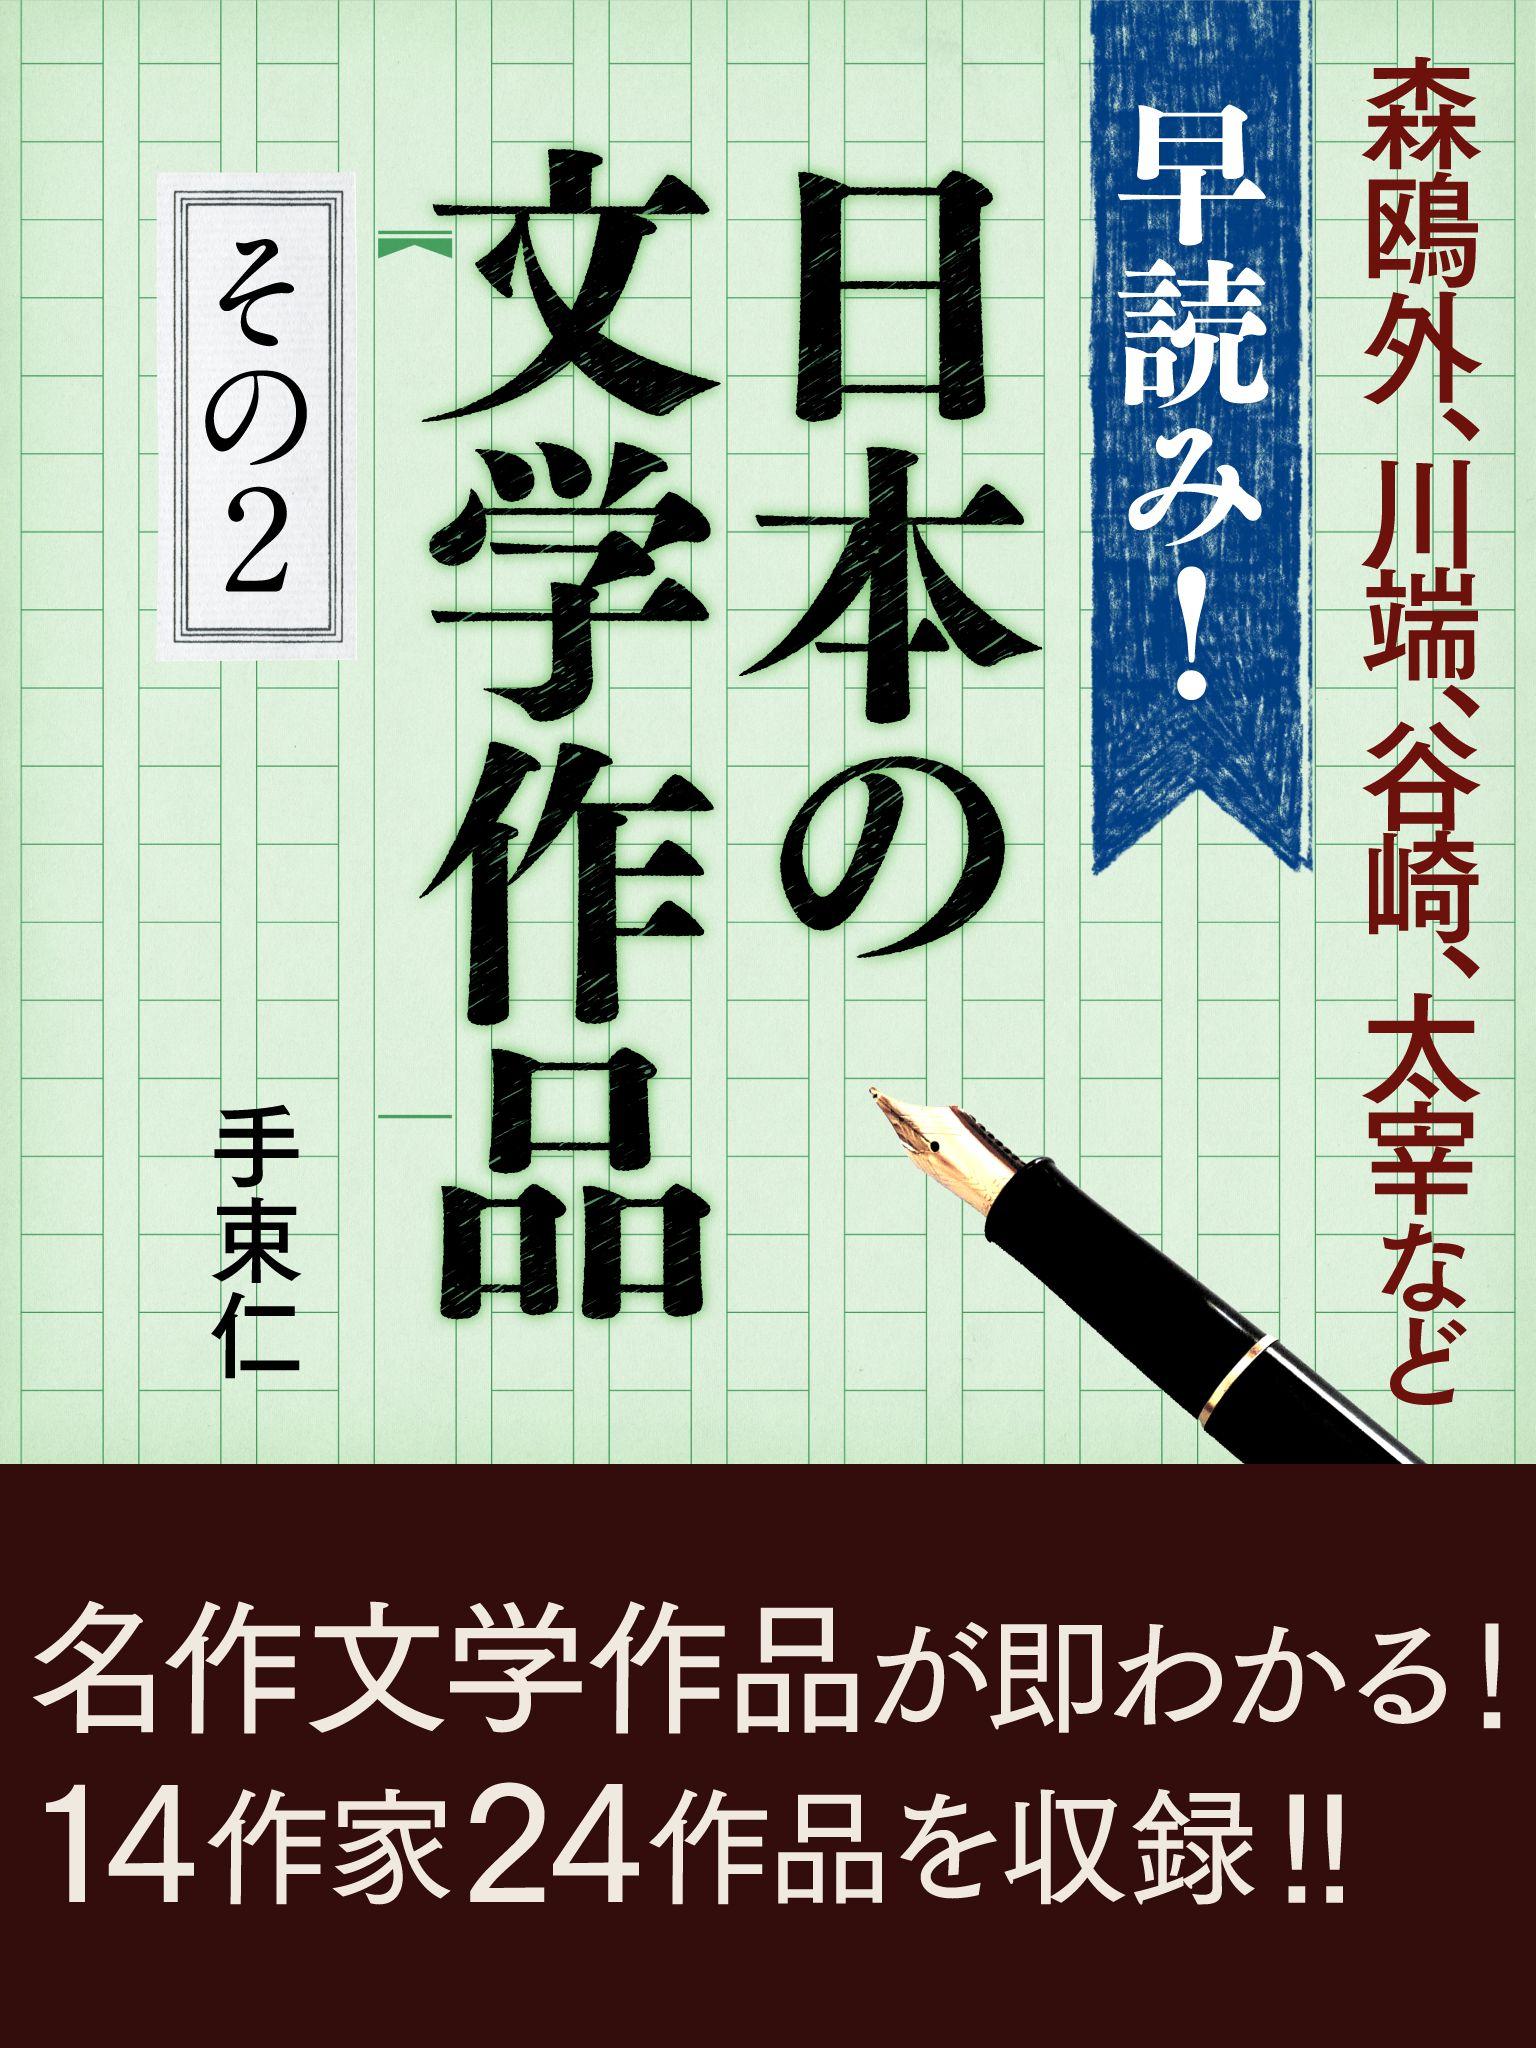 早読み!日本の文学作品 その2